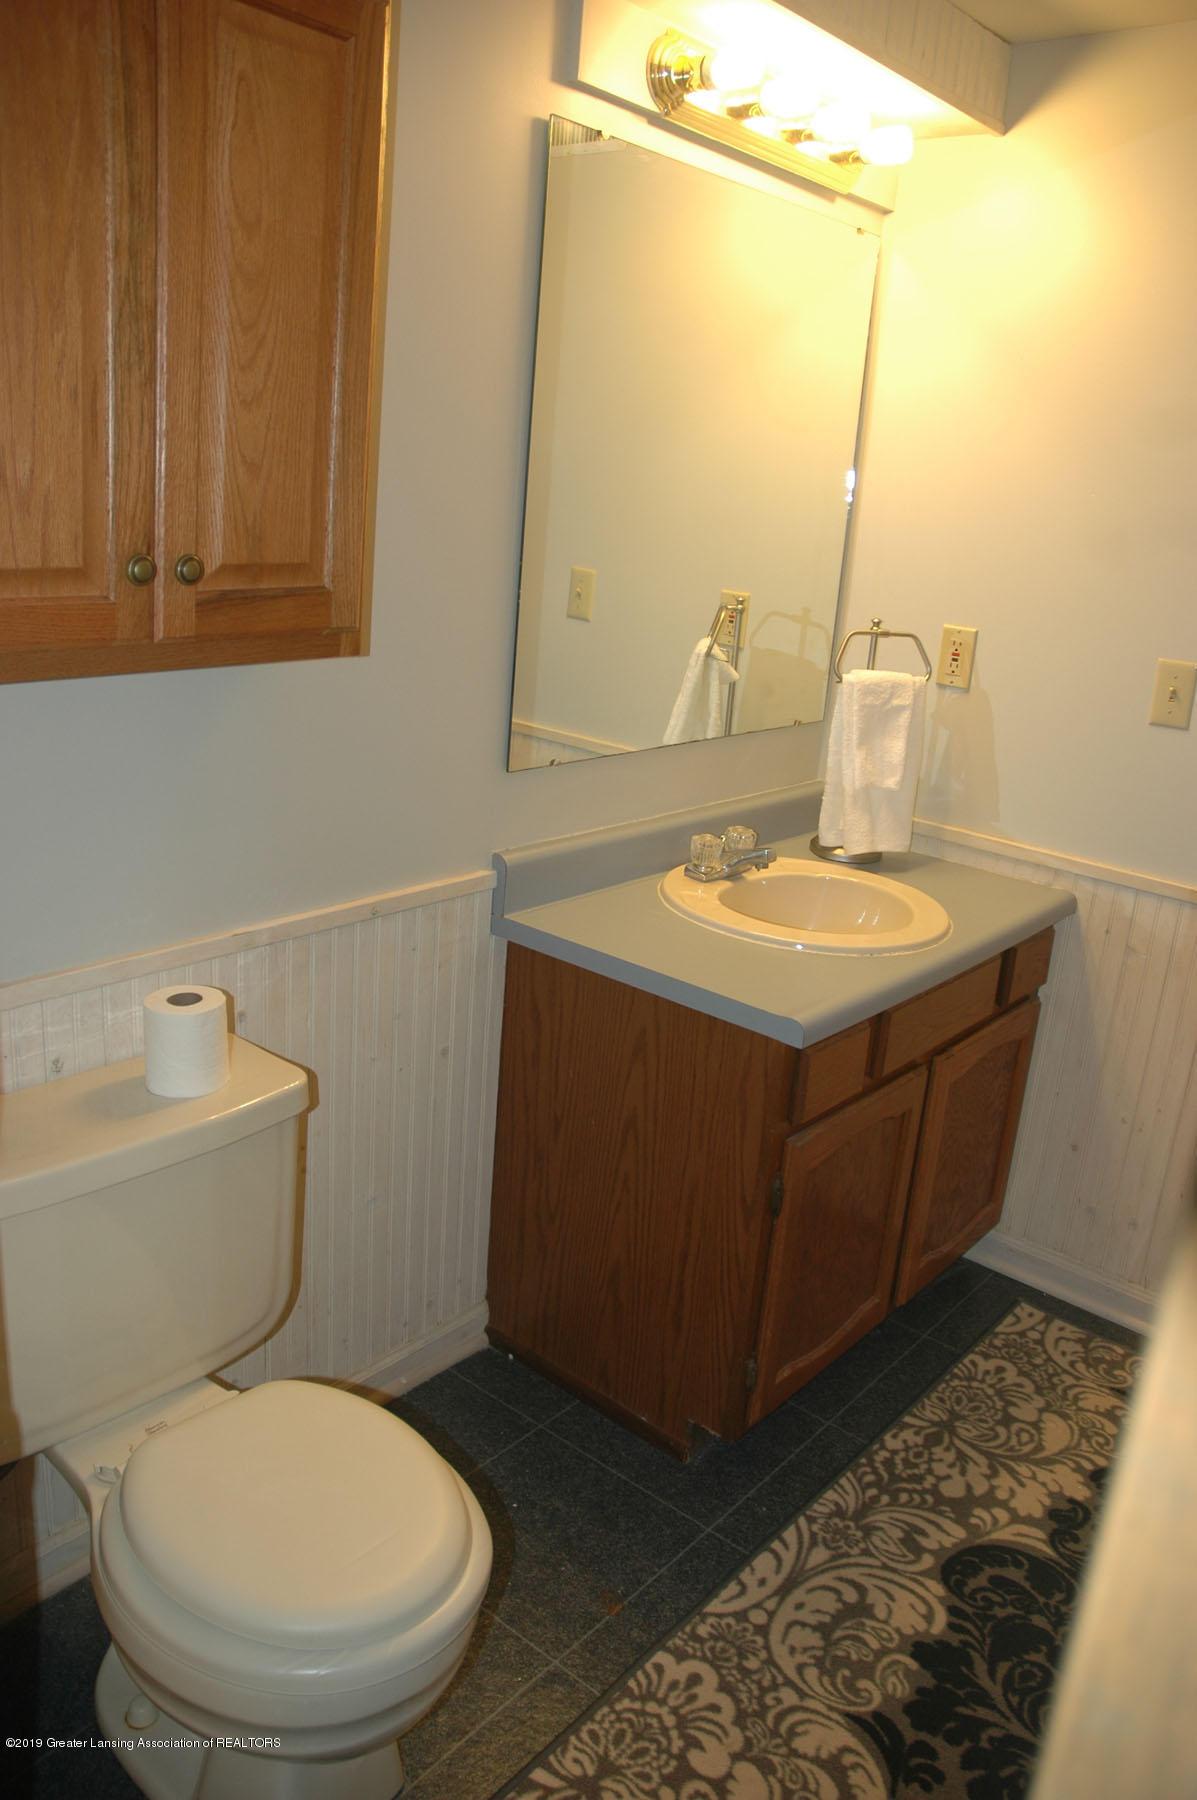 1971 N Michigan Rd - Bathroom2a - 33